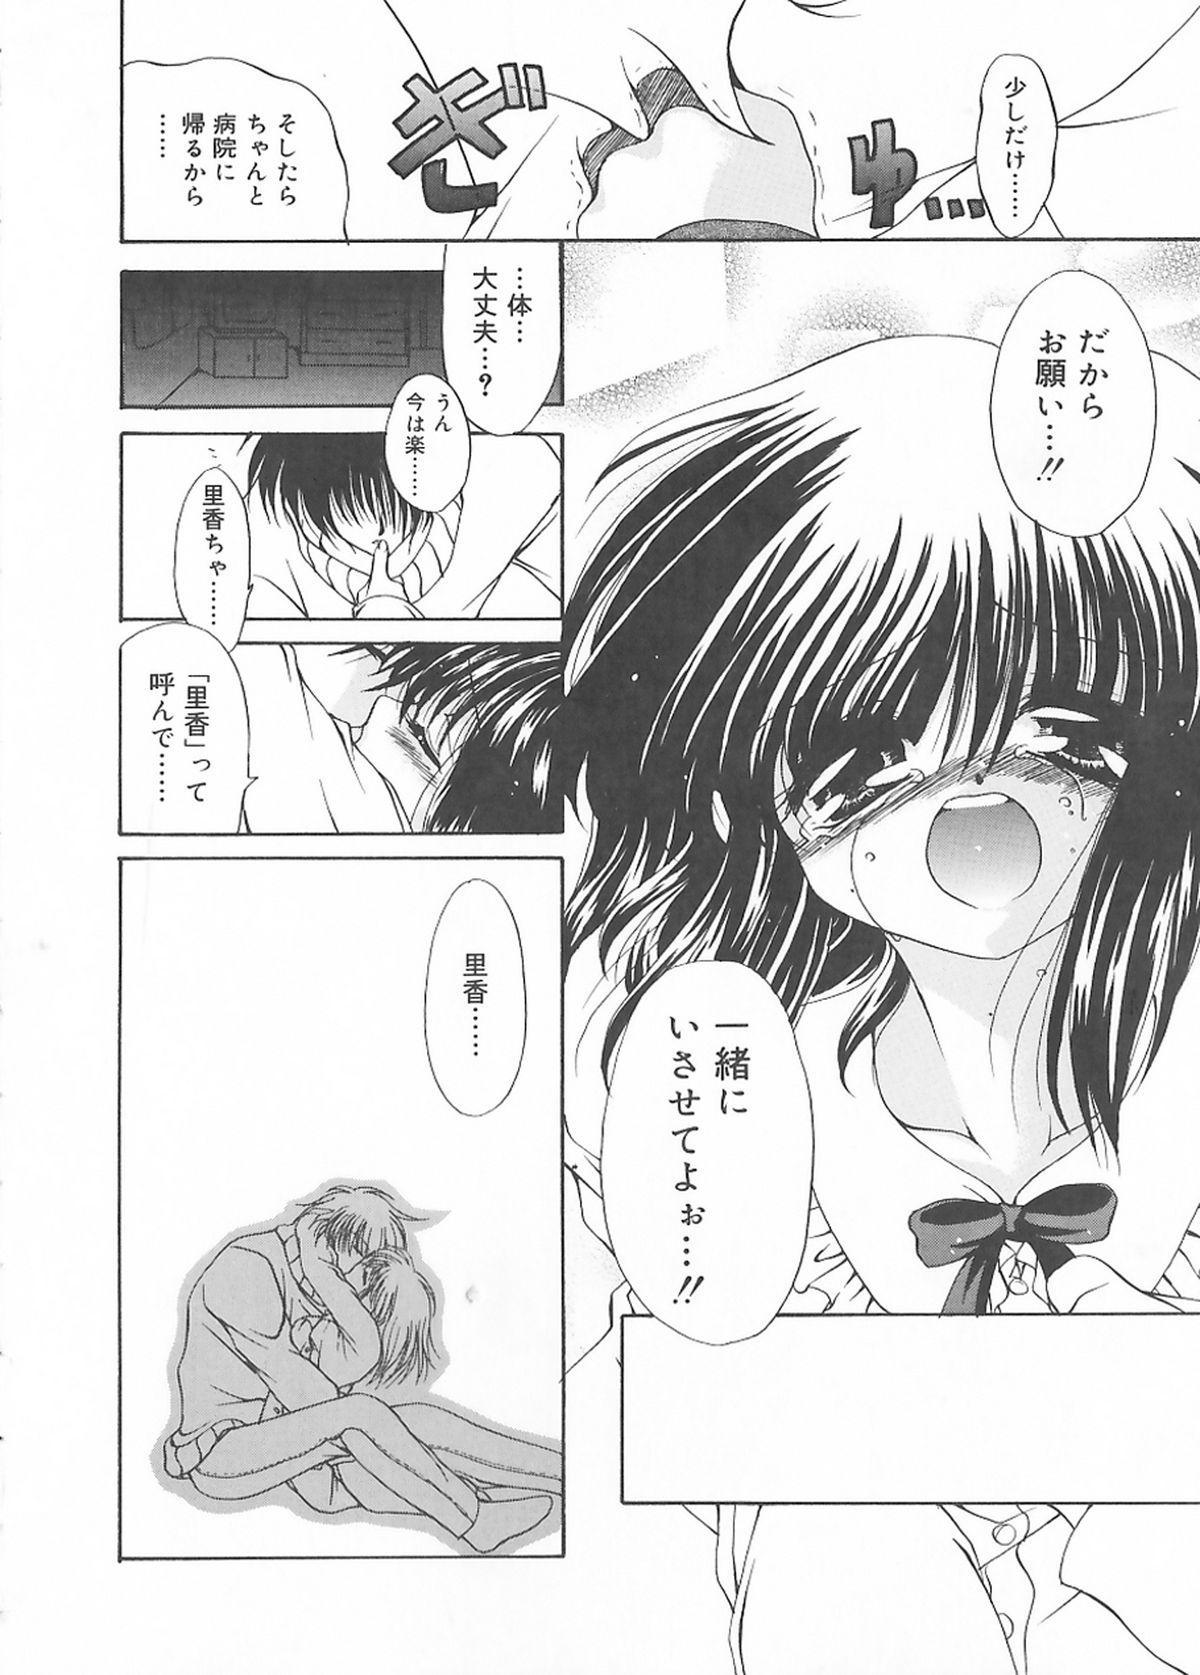 Cream Tengoku - Shinsouban 75